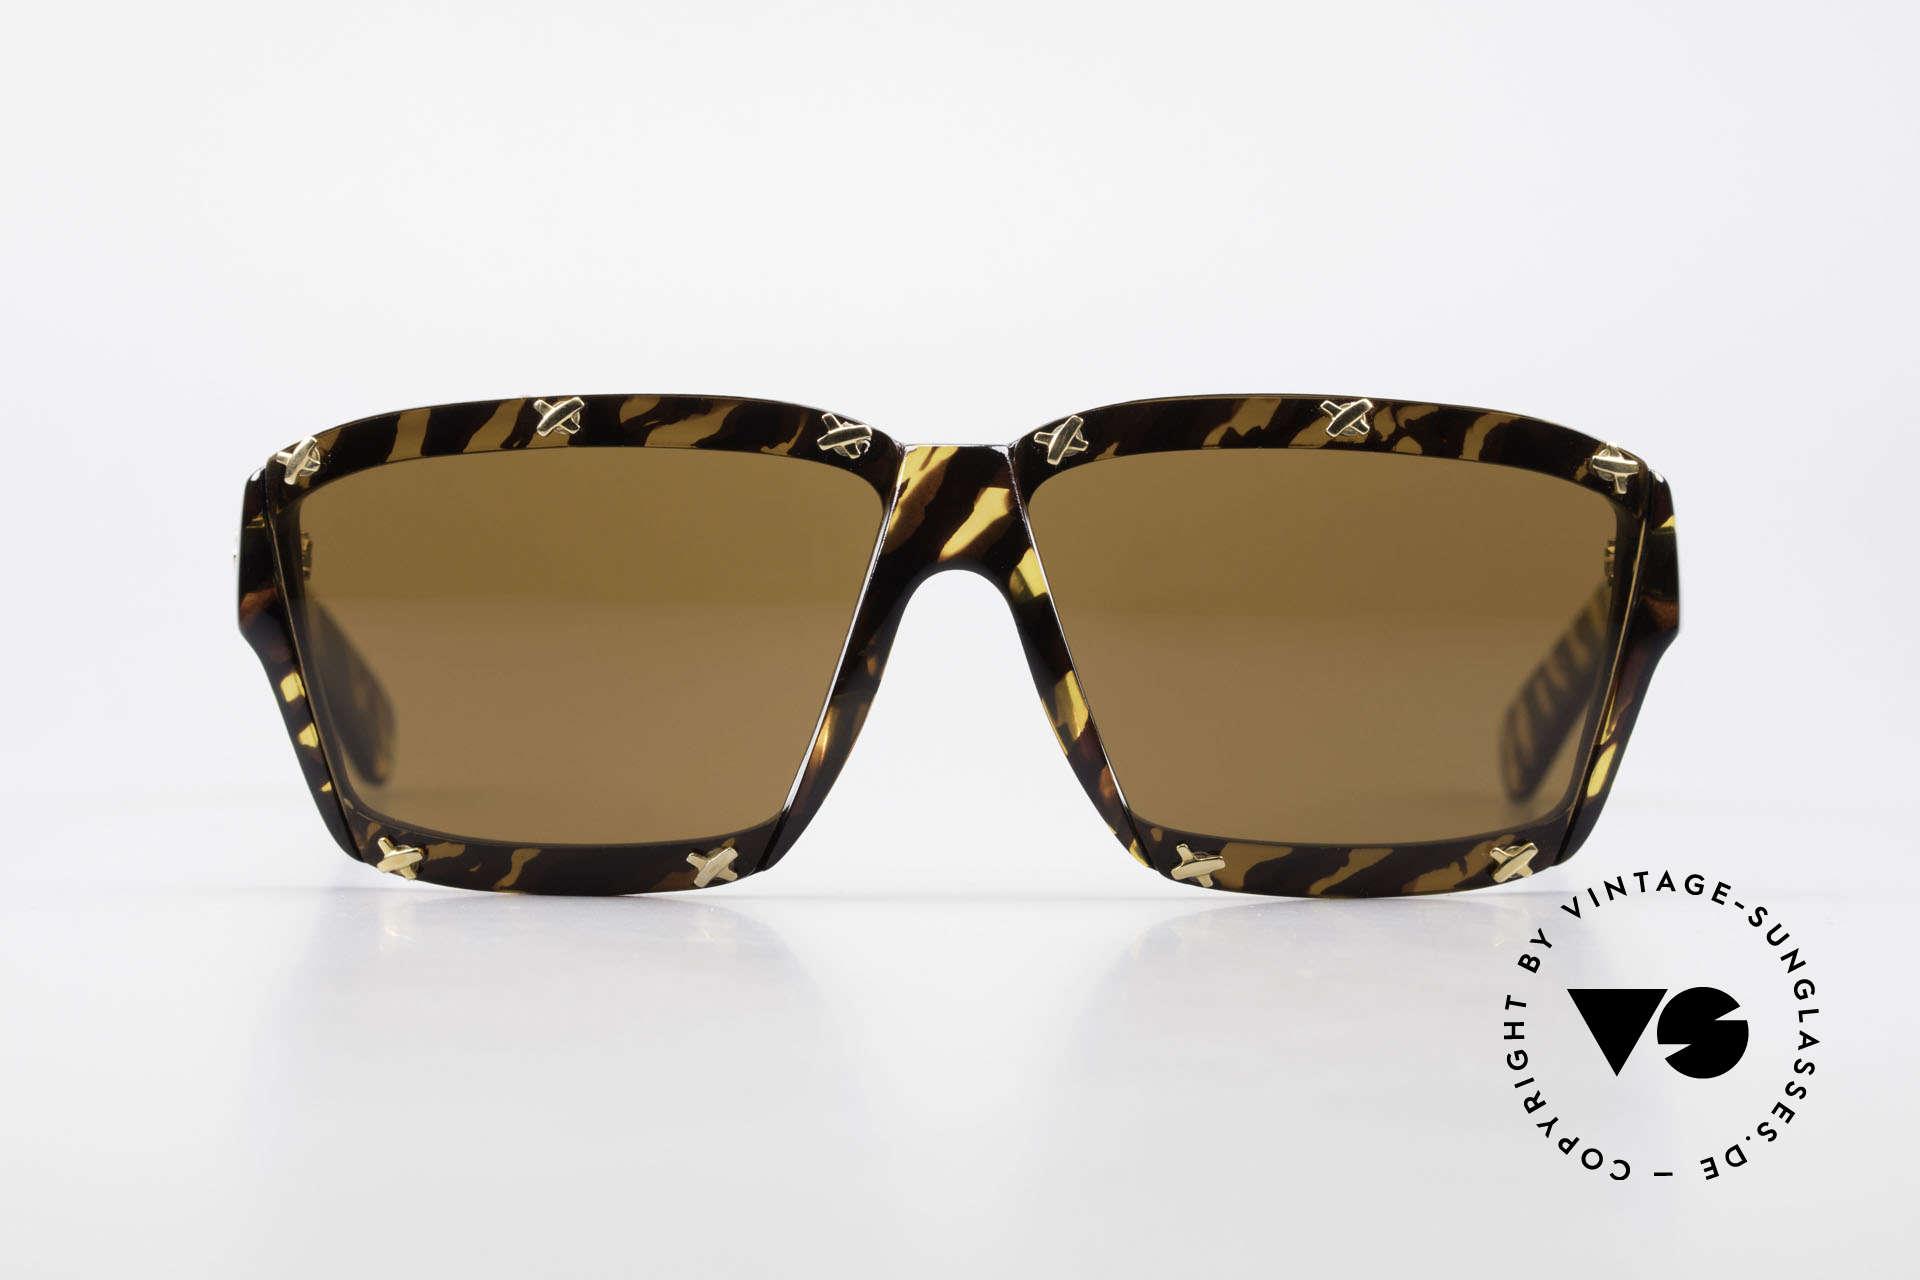 Paloma Picasso 3702 No Retro Sunglasses Original, spectacular design meets a brilliant frame pattern, Made for Women